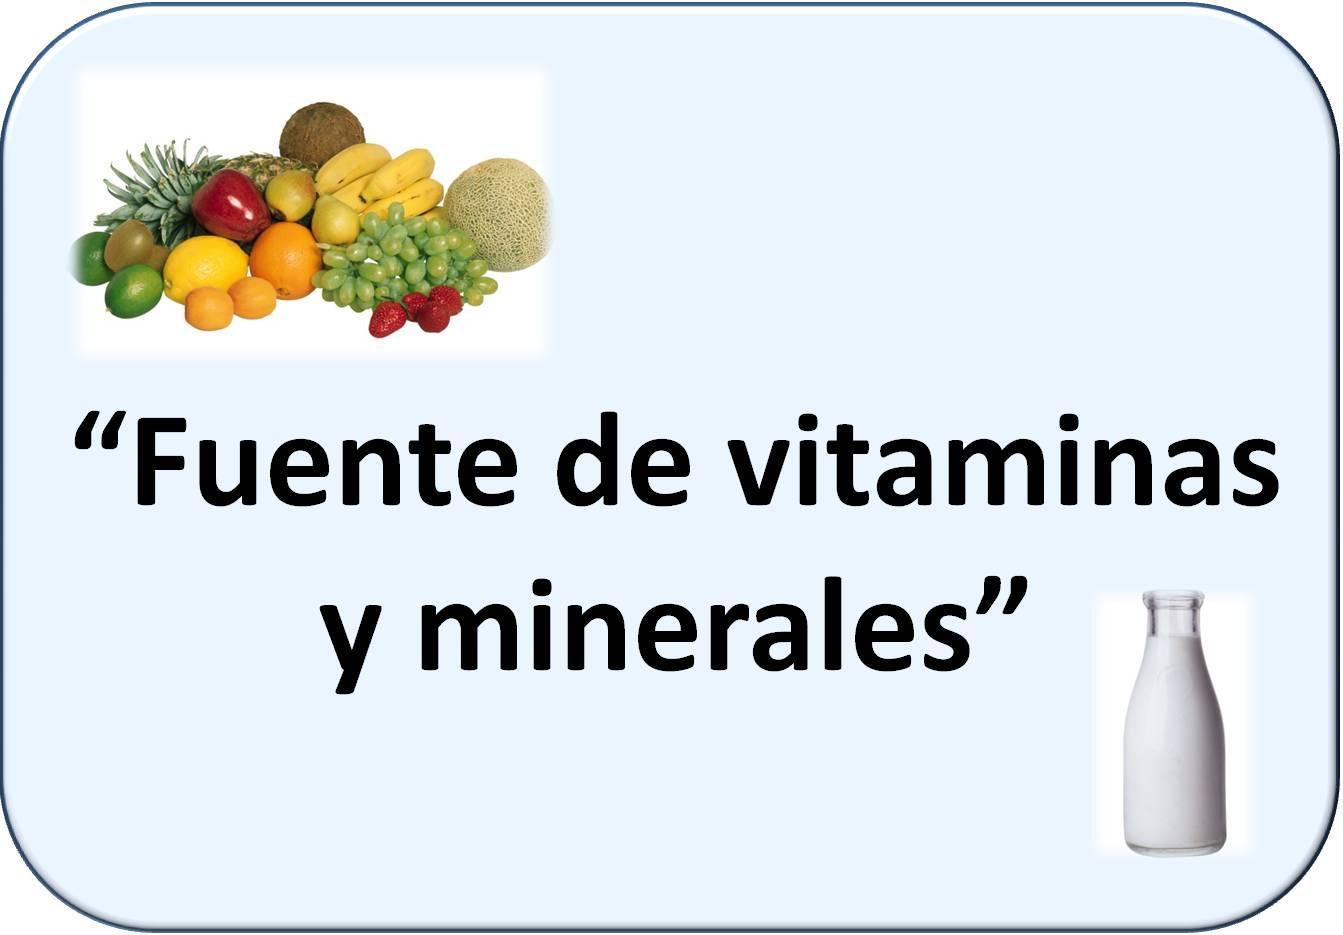 Simbología de vitaminas y minerales: frutas y leche